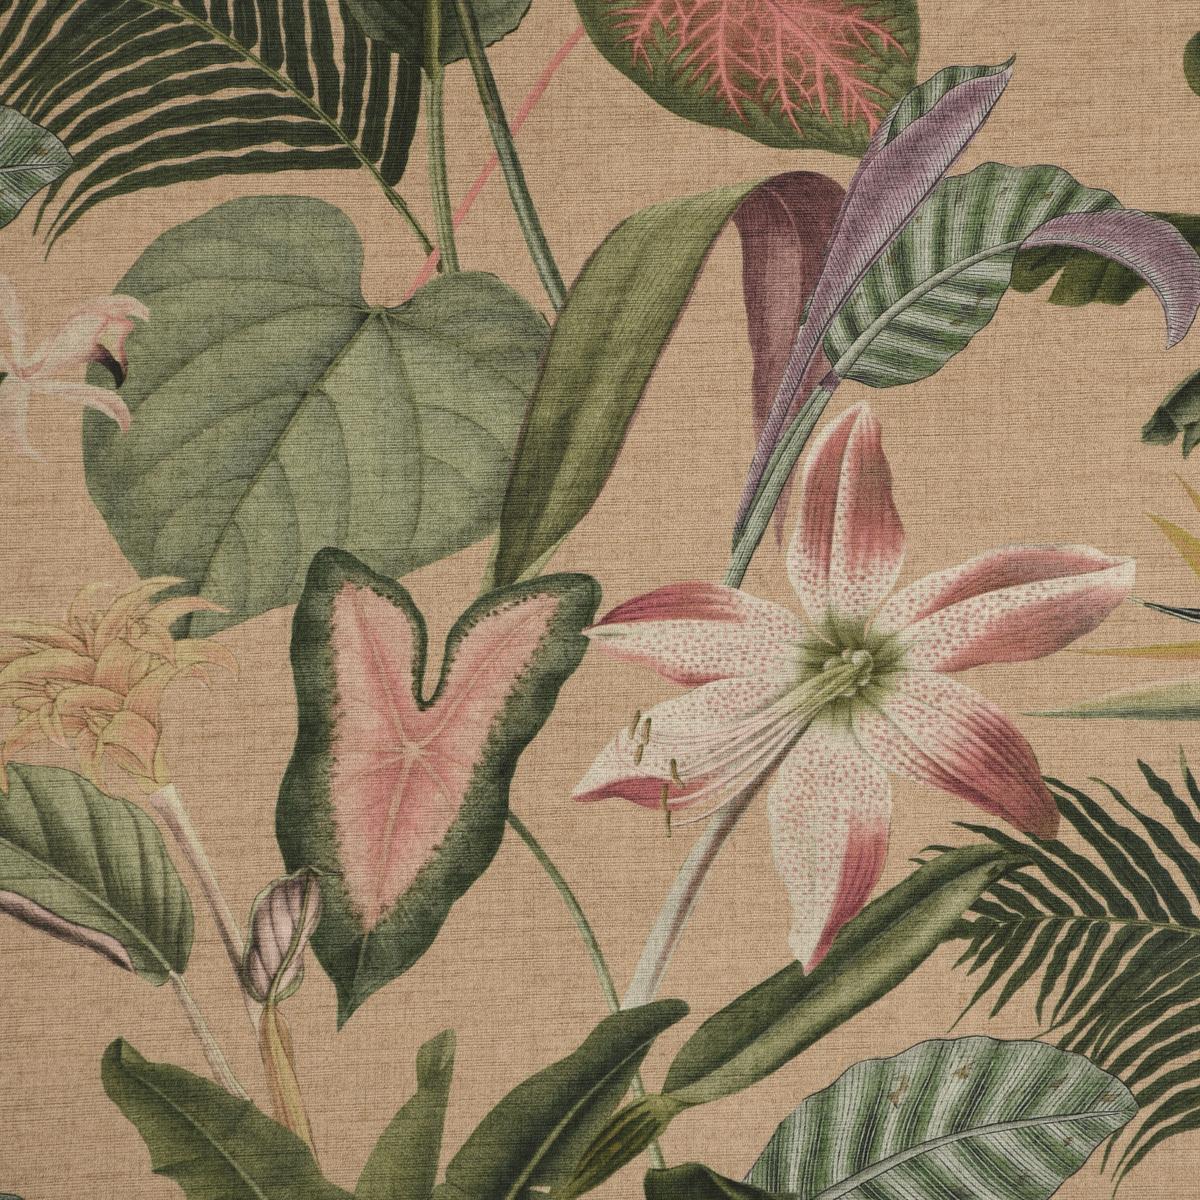 Outdoorstoff Dralon Teflonbeschichtung Romantic Botanic Exotik Blumen beige grün rosa 1,40m Breite